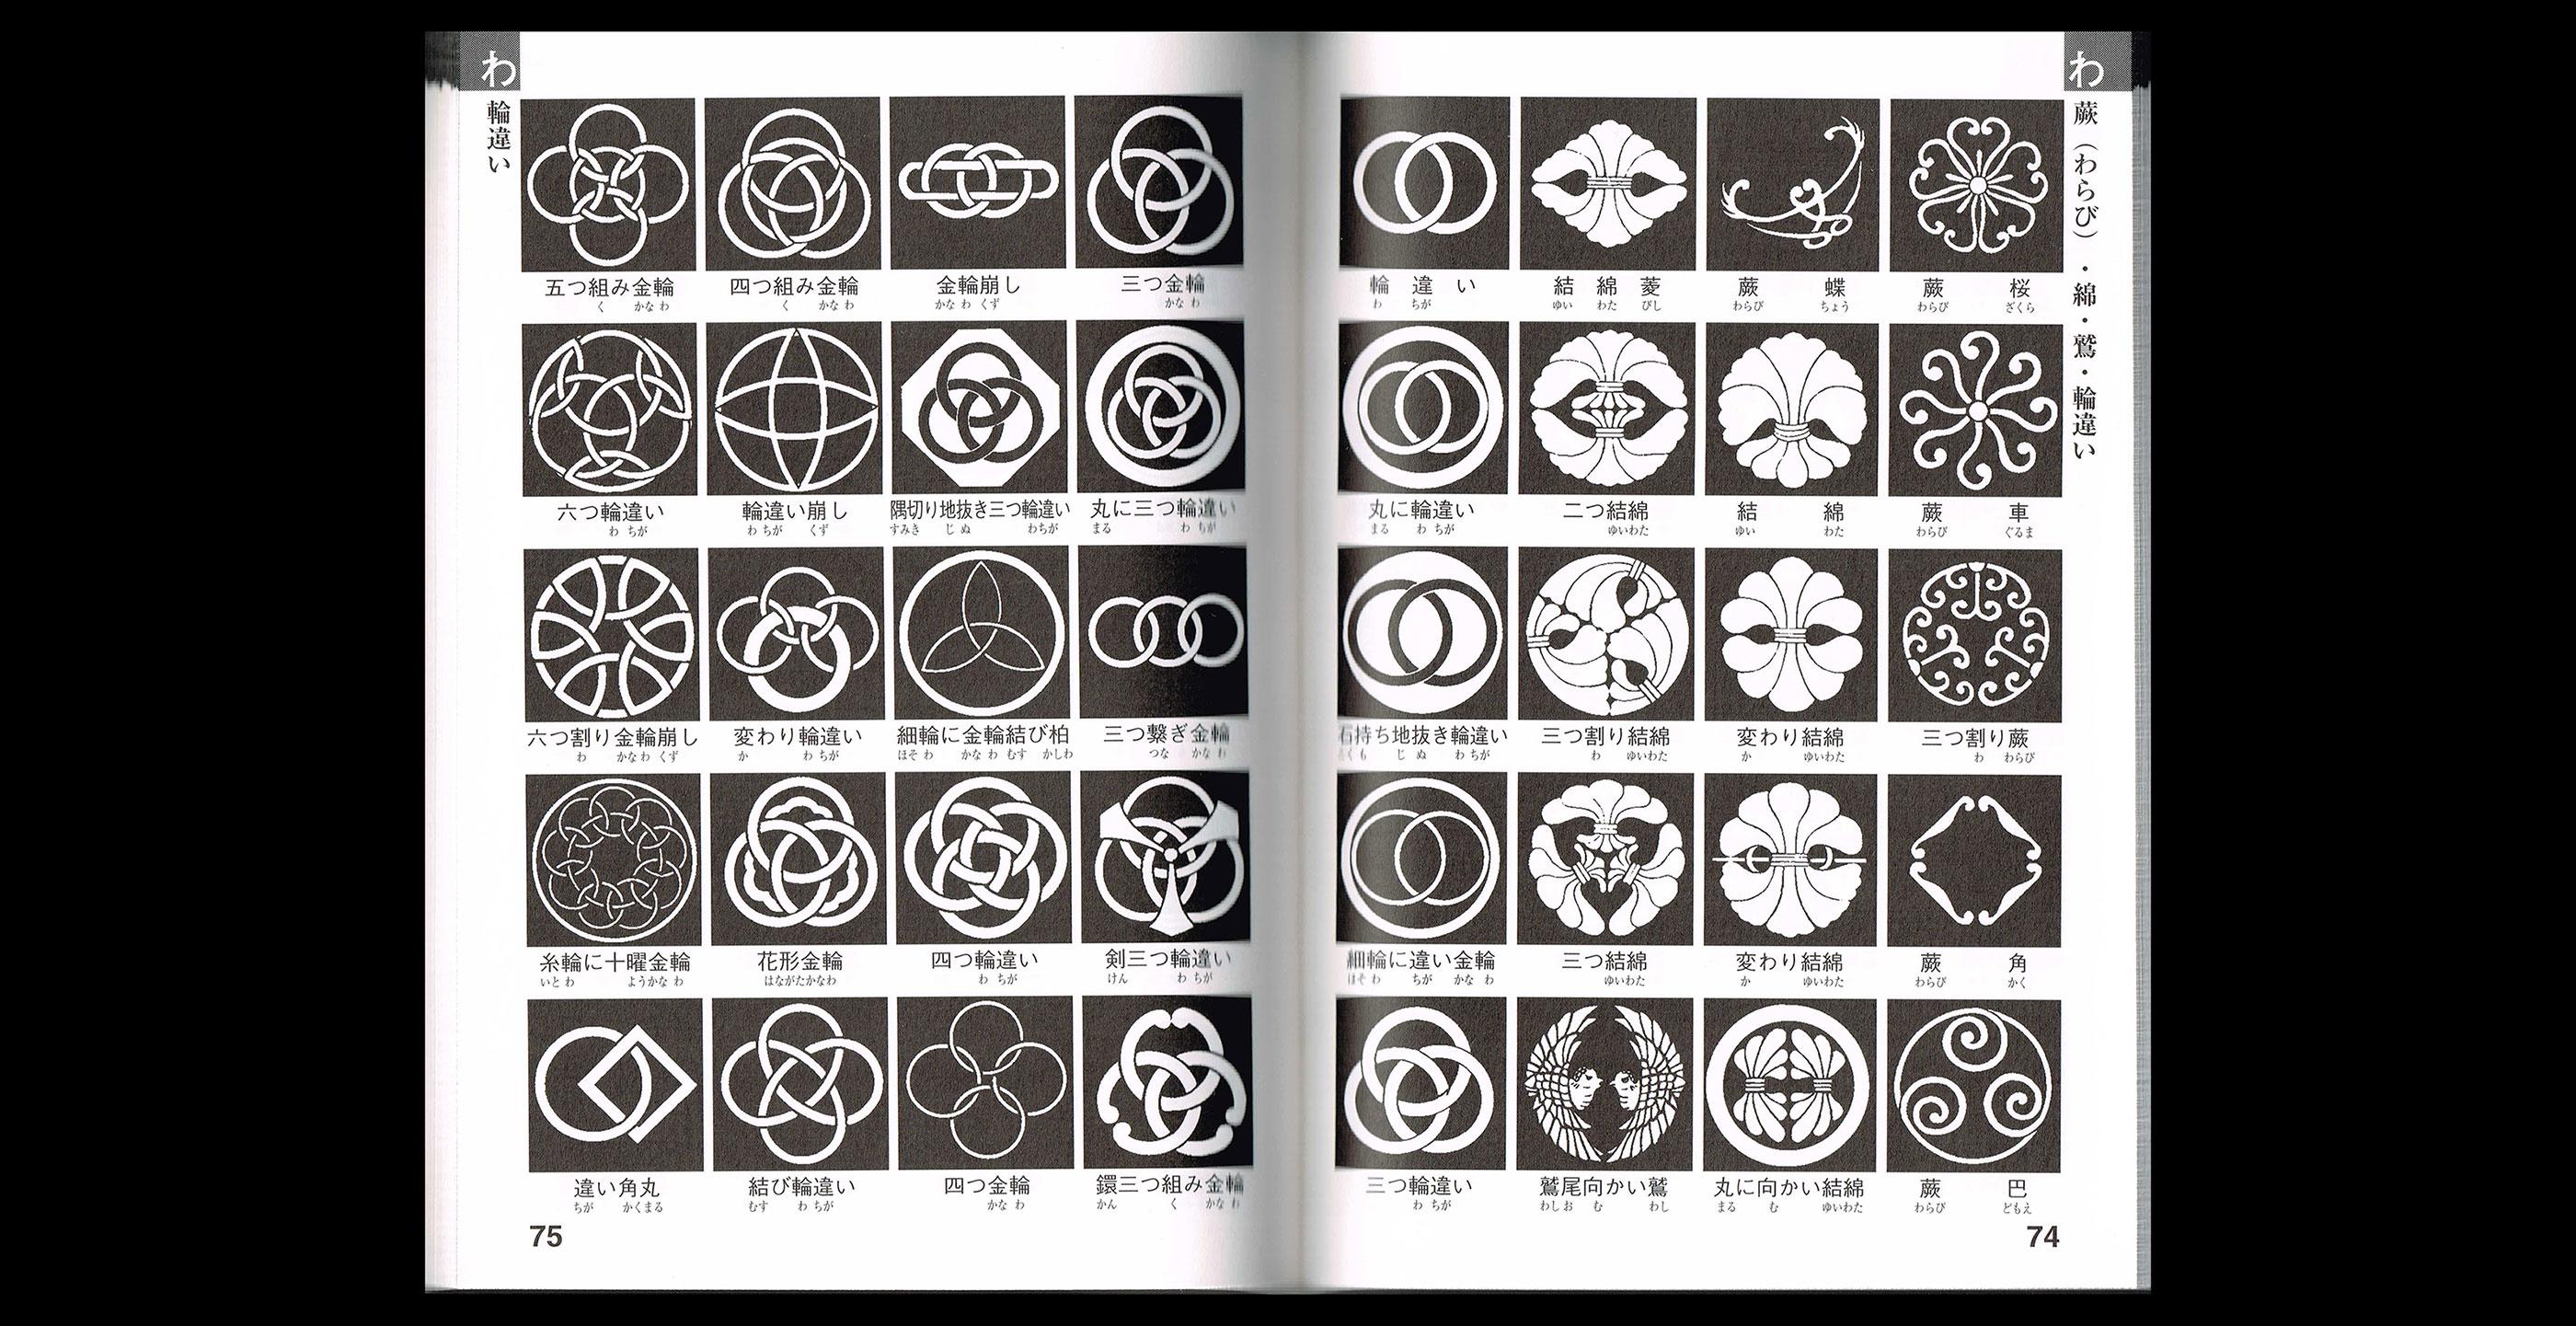 Bien connu Mons – emblèmes japonnais – Index Grafik VA88